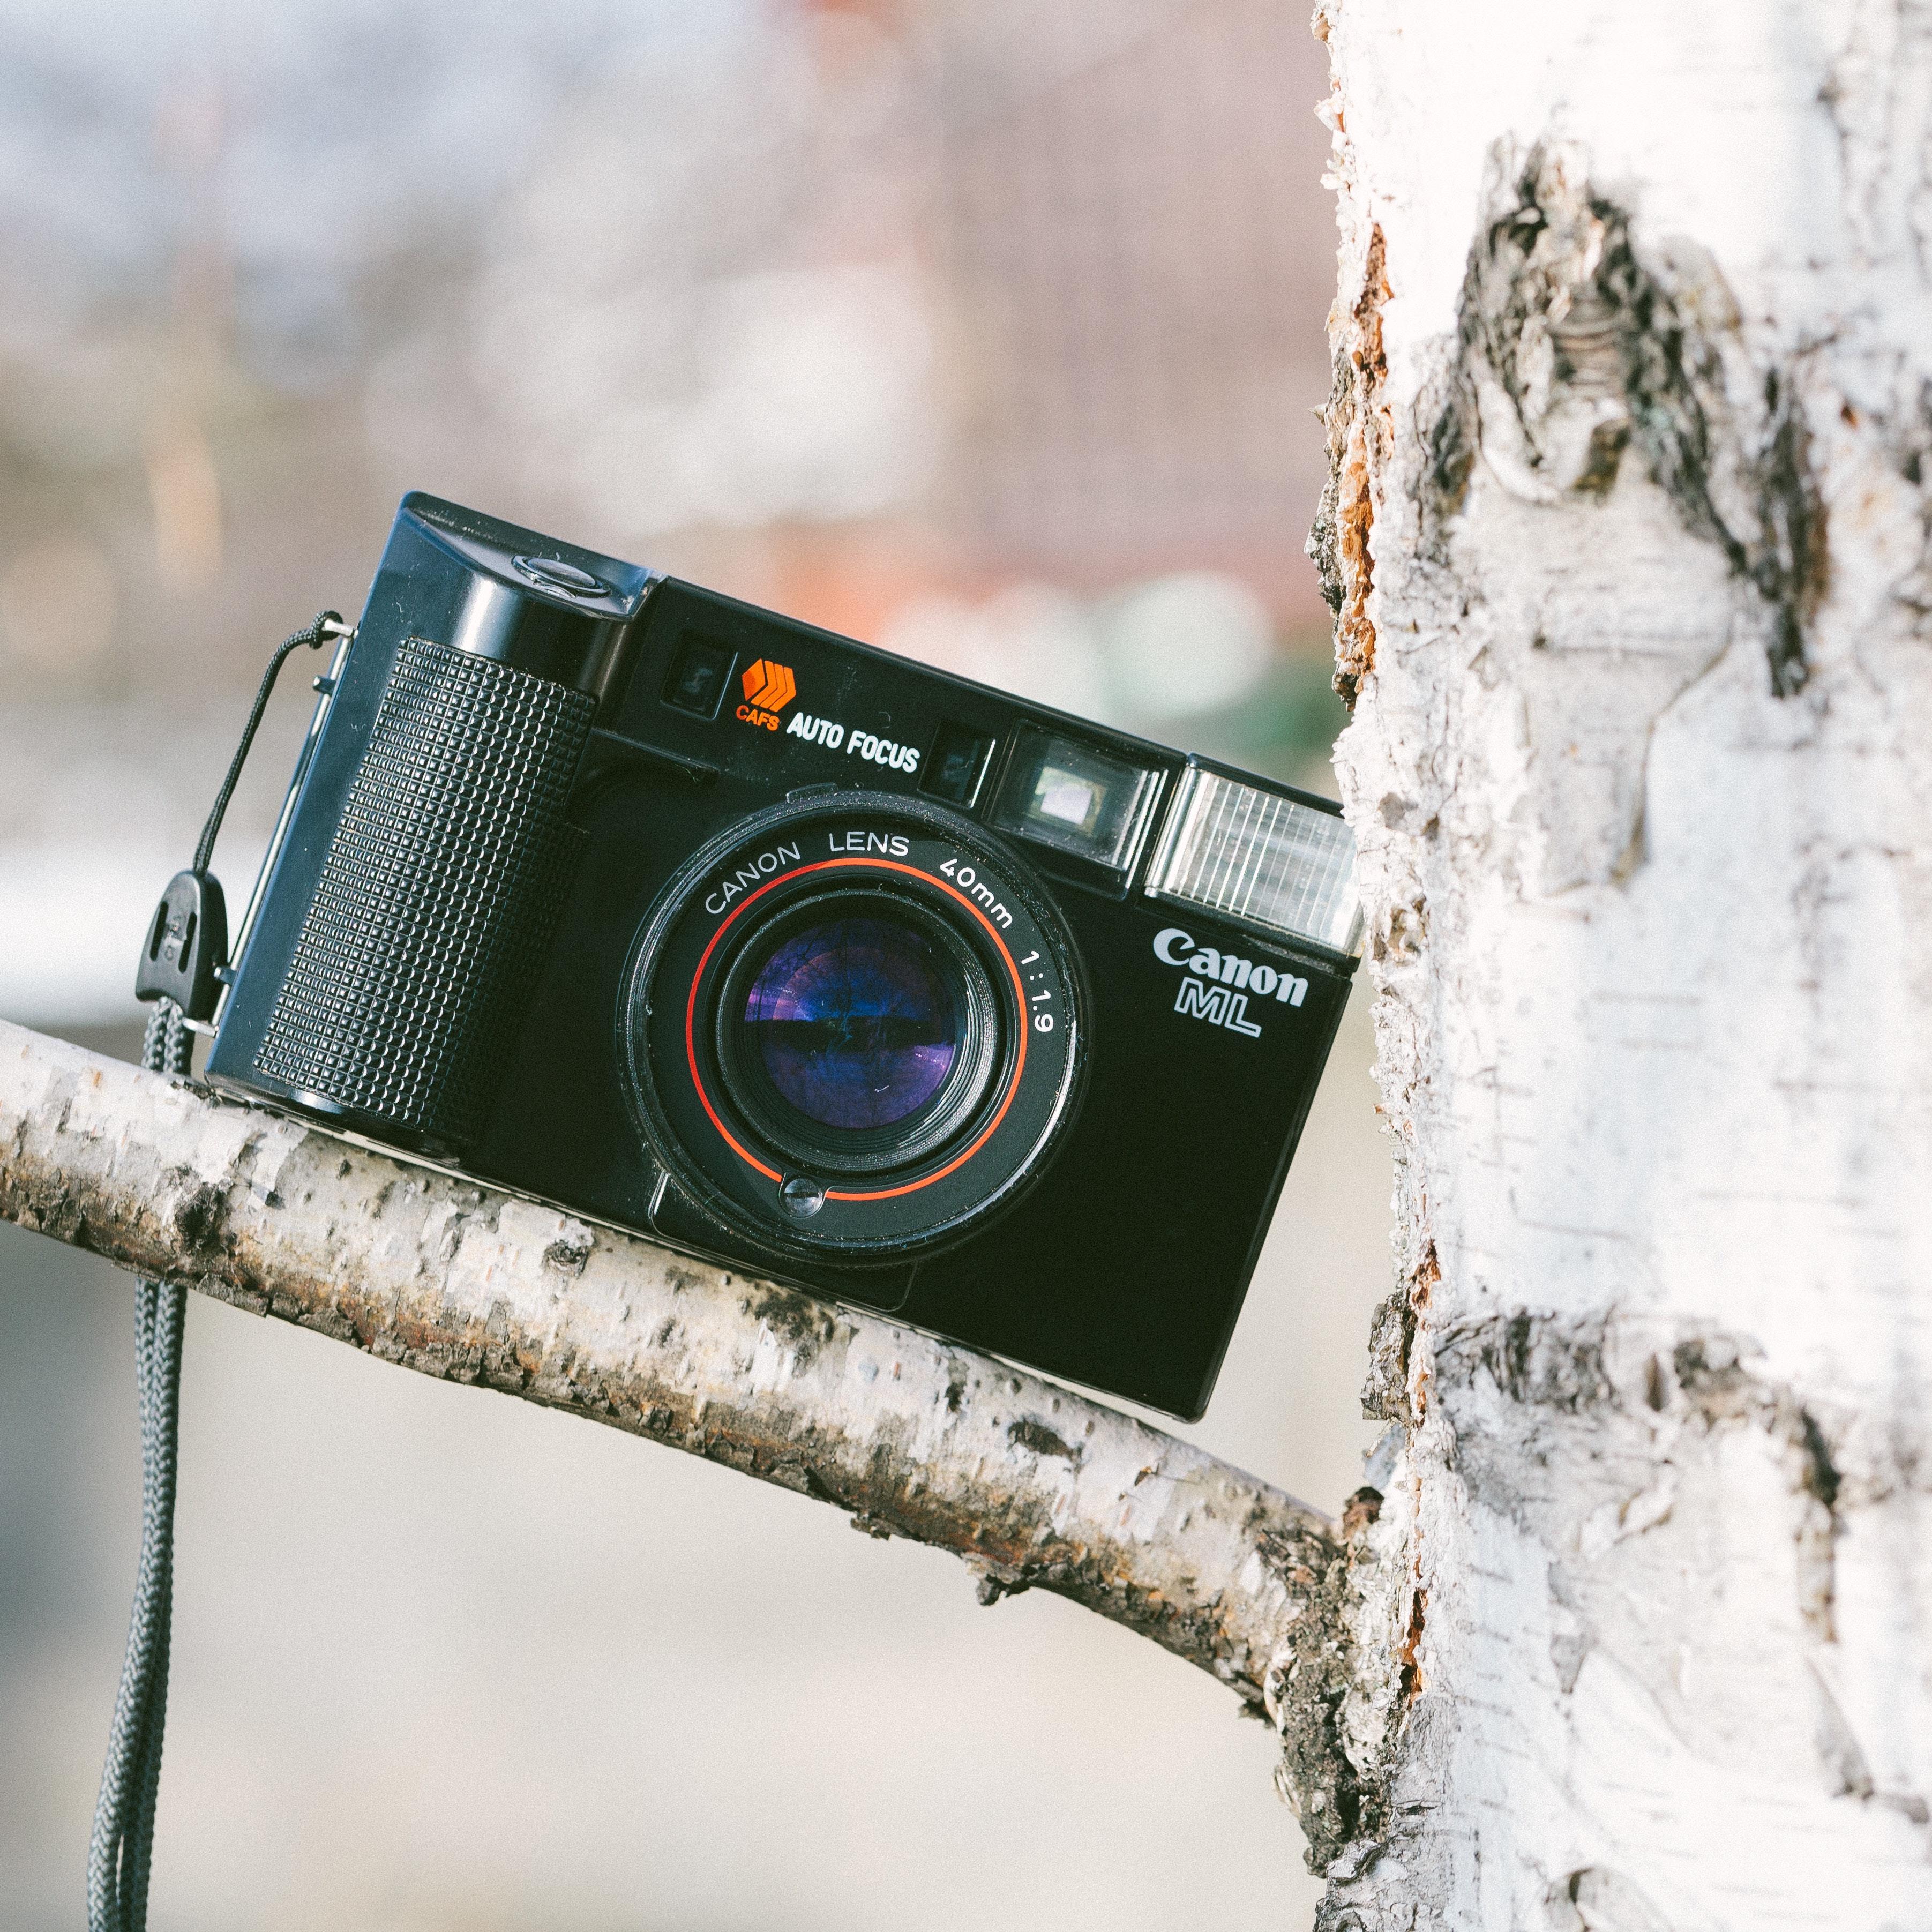 Black canon camera photo